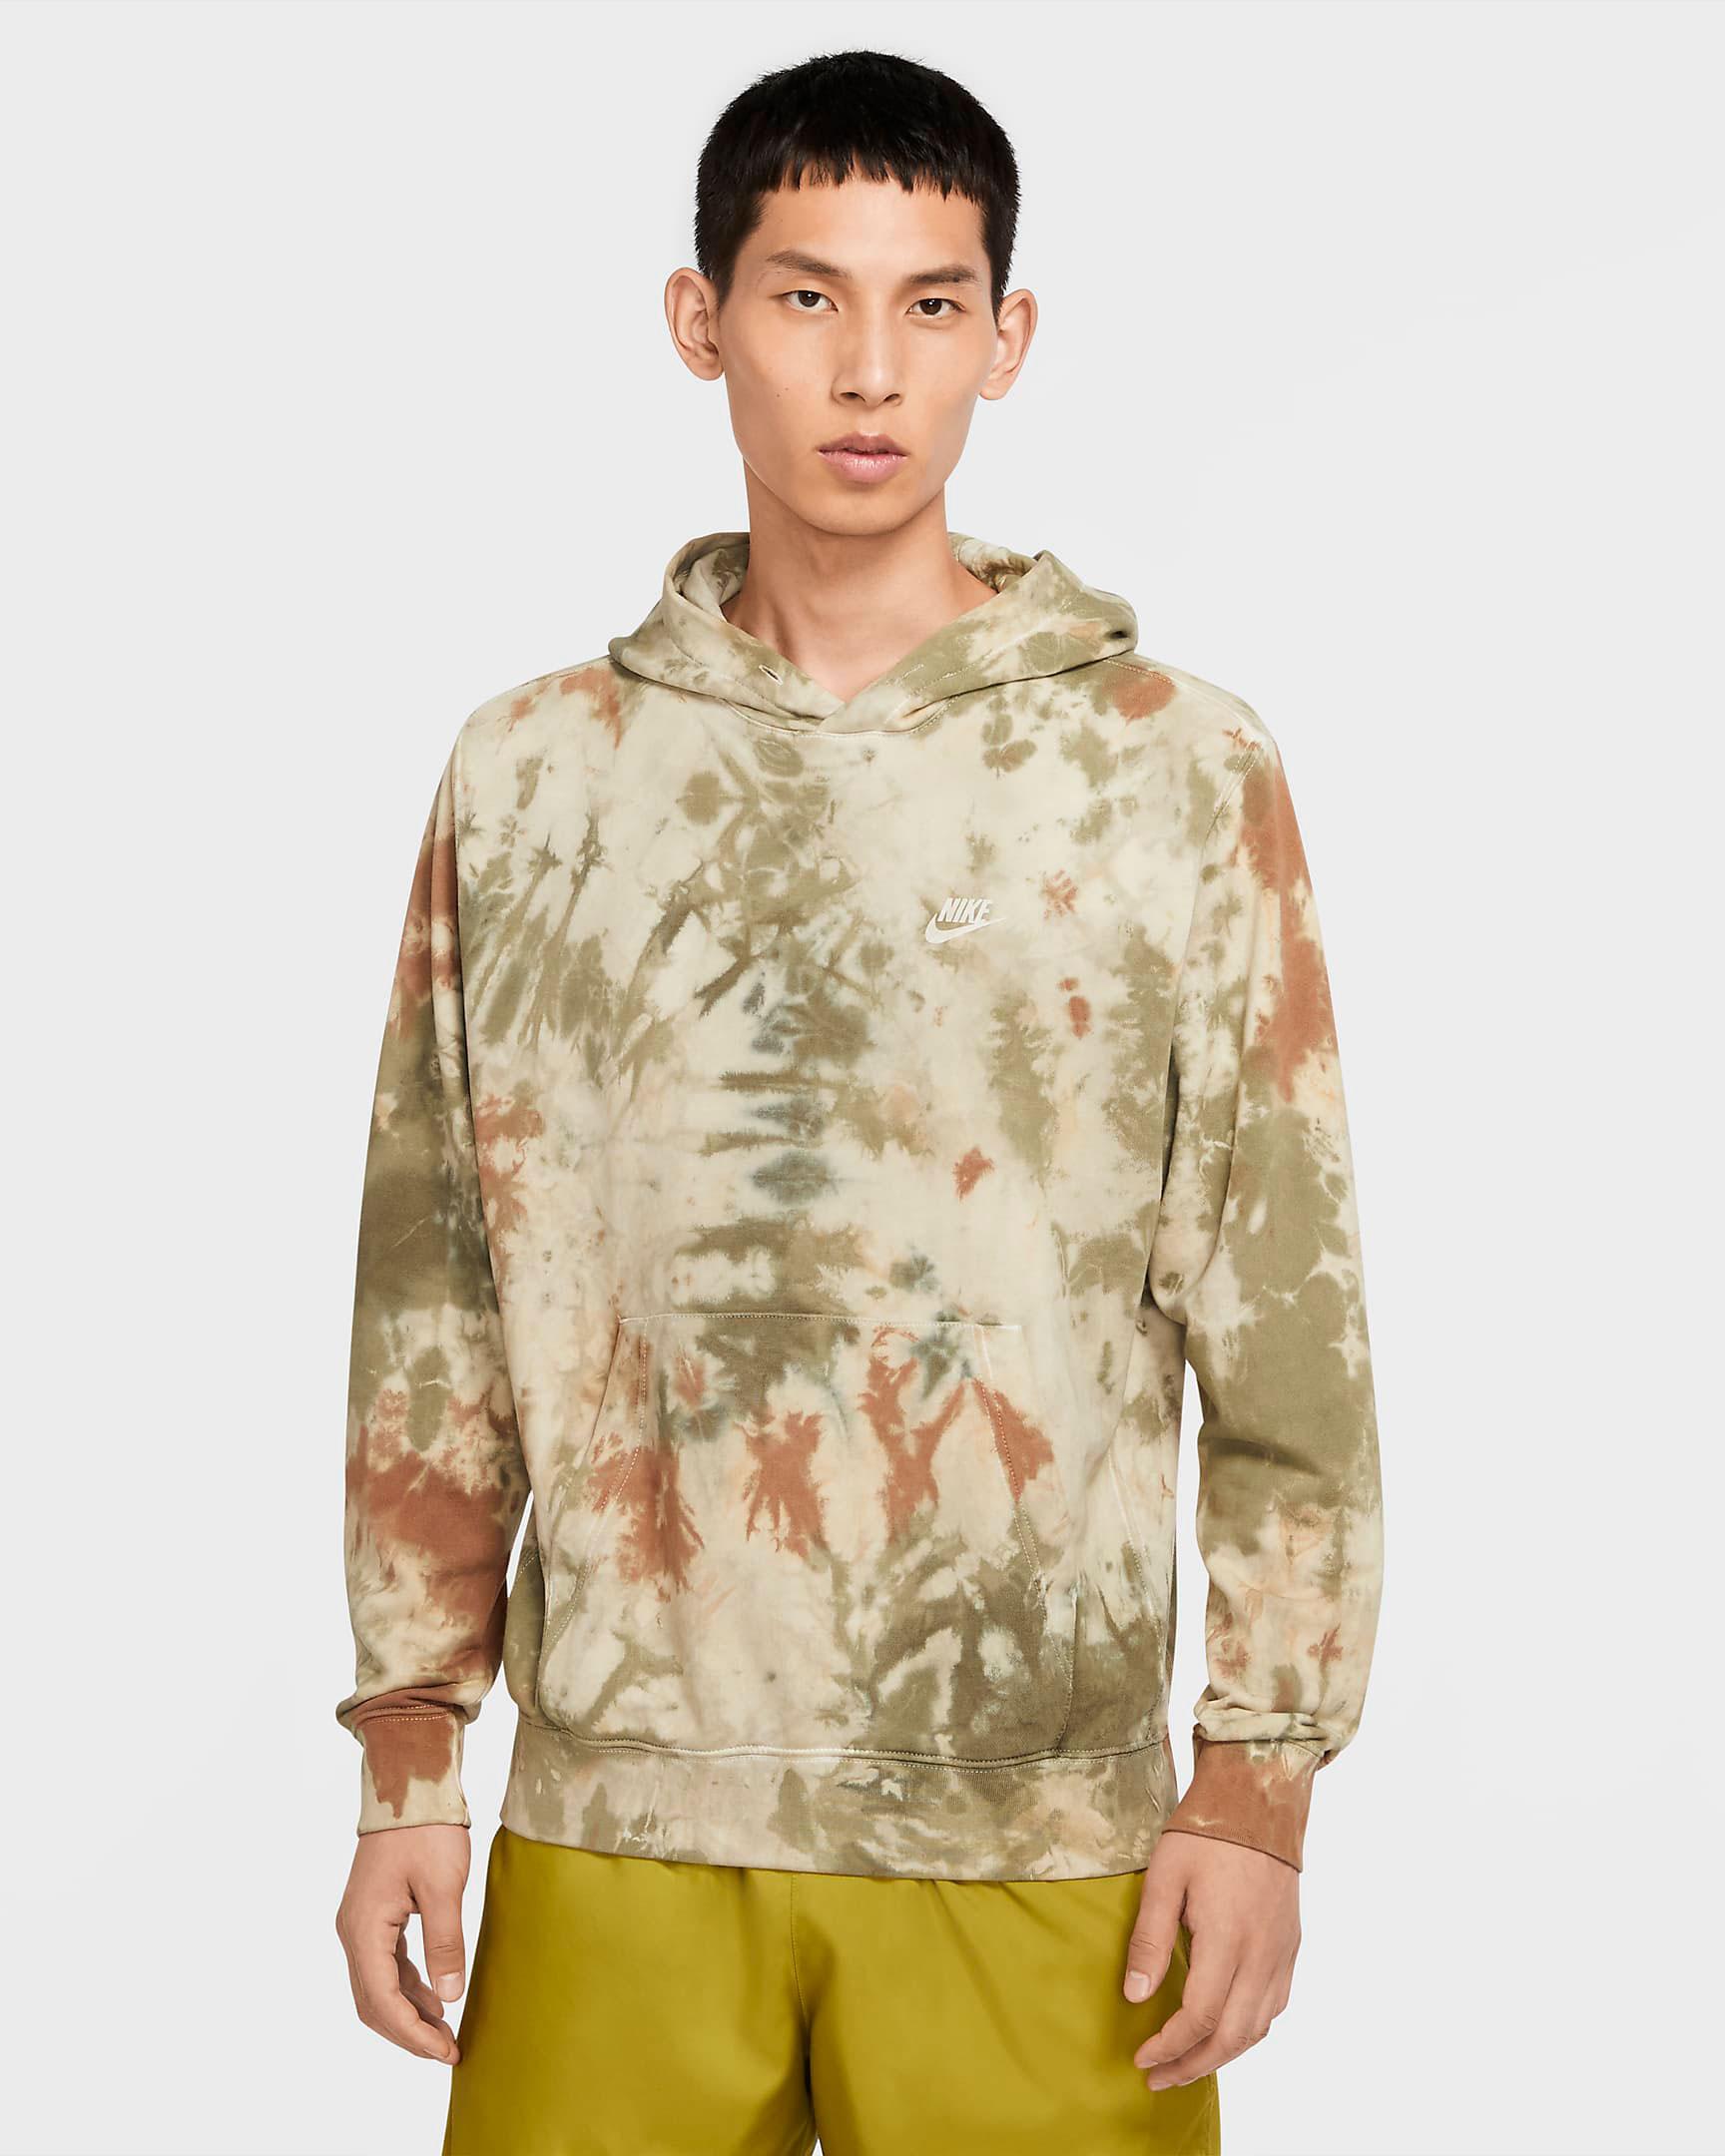 nike-dunk-low-veneer-matching-hoodie